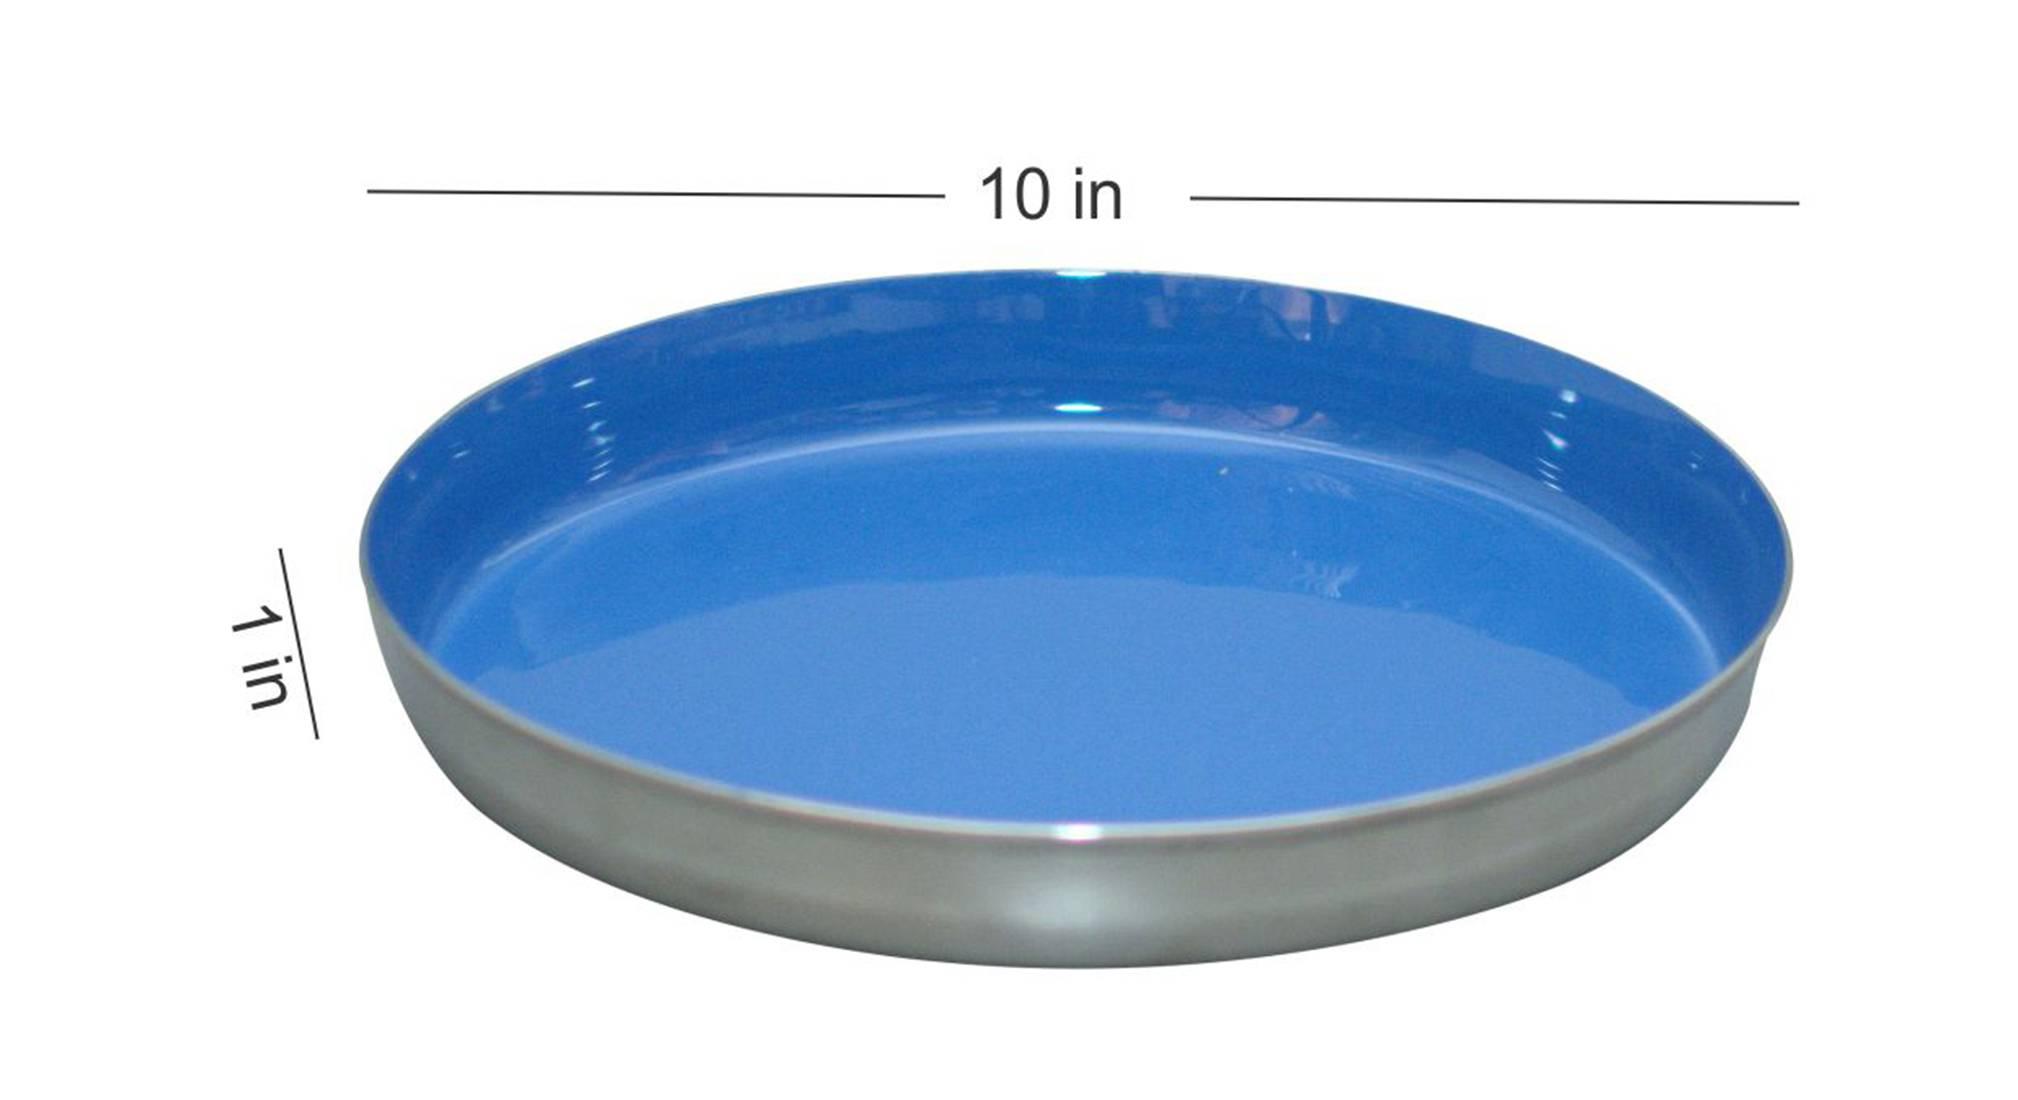 Klynn platter  blue1238 5